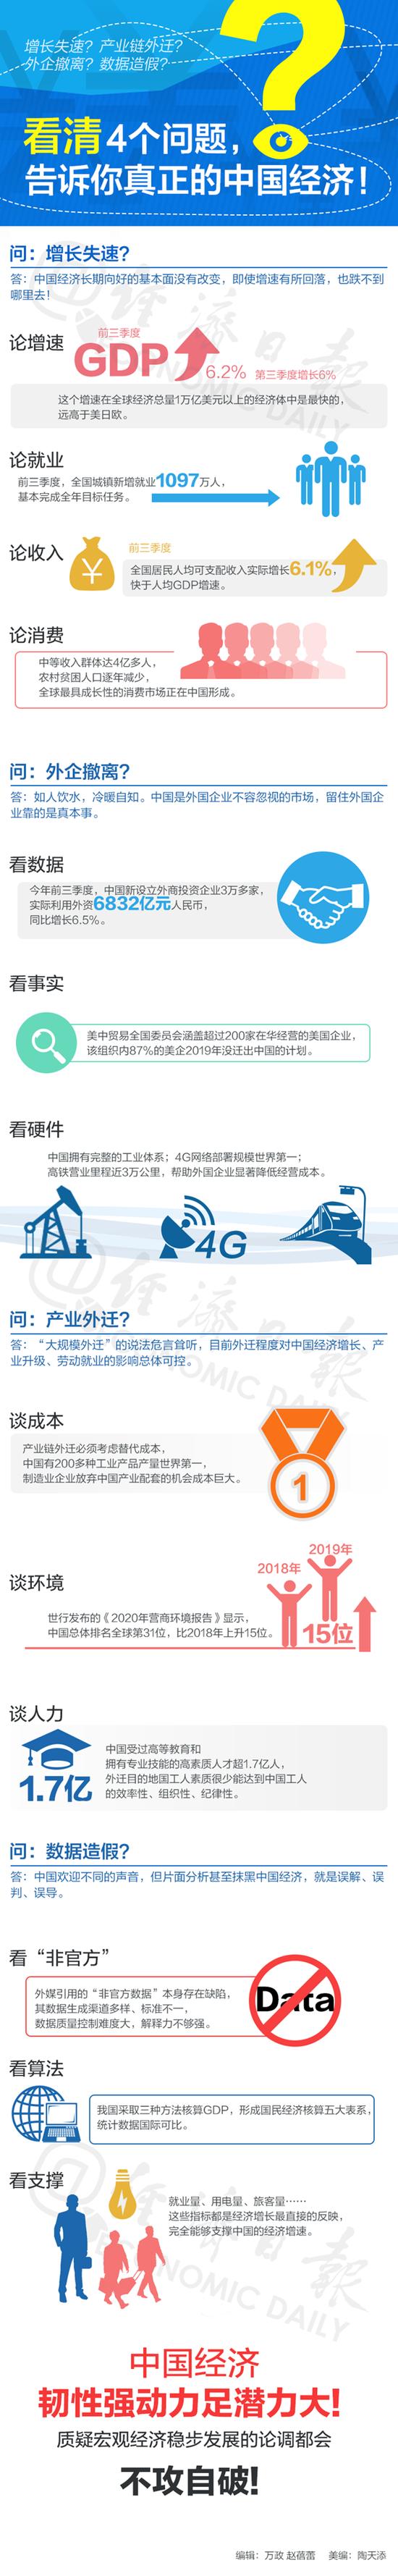 葡京赌场88807.com|三星S10/Note10推送指纹识别安全紧急更新:不建议使用屏幕保护套